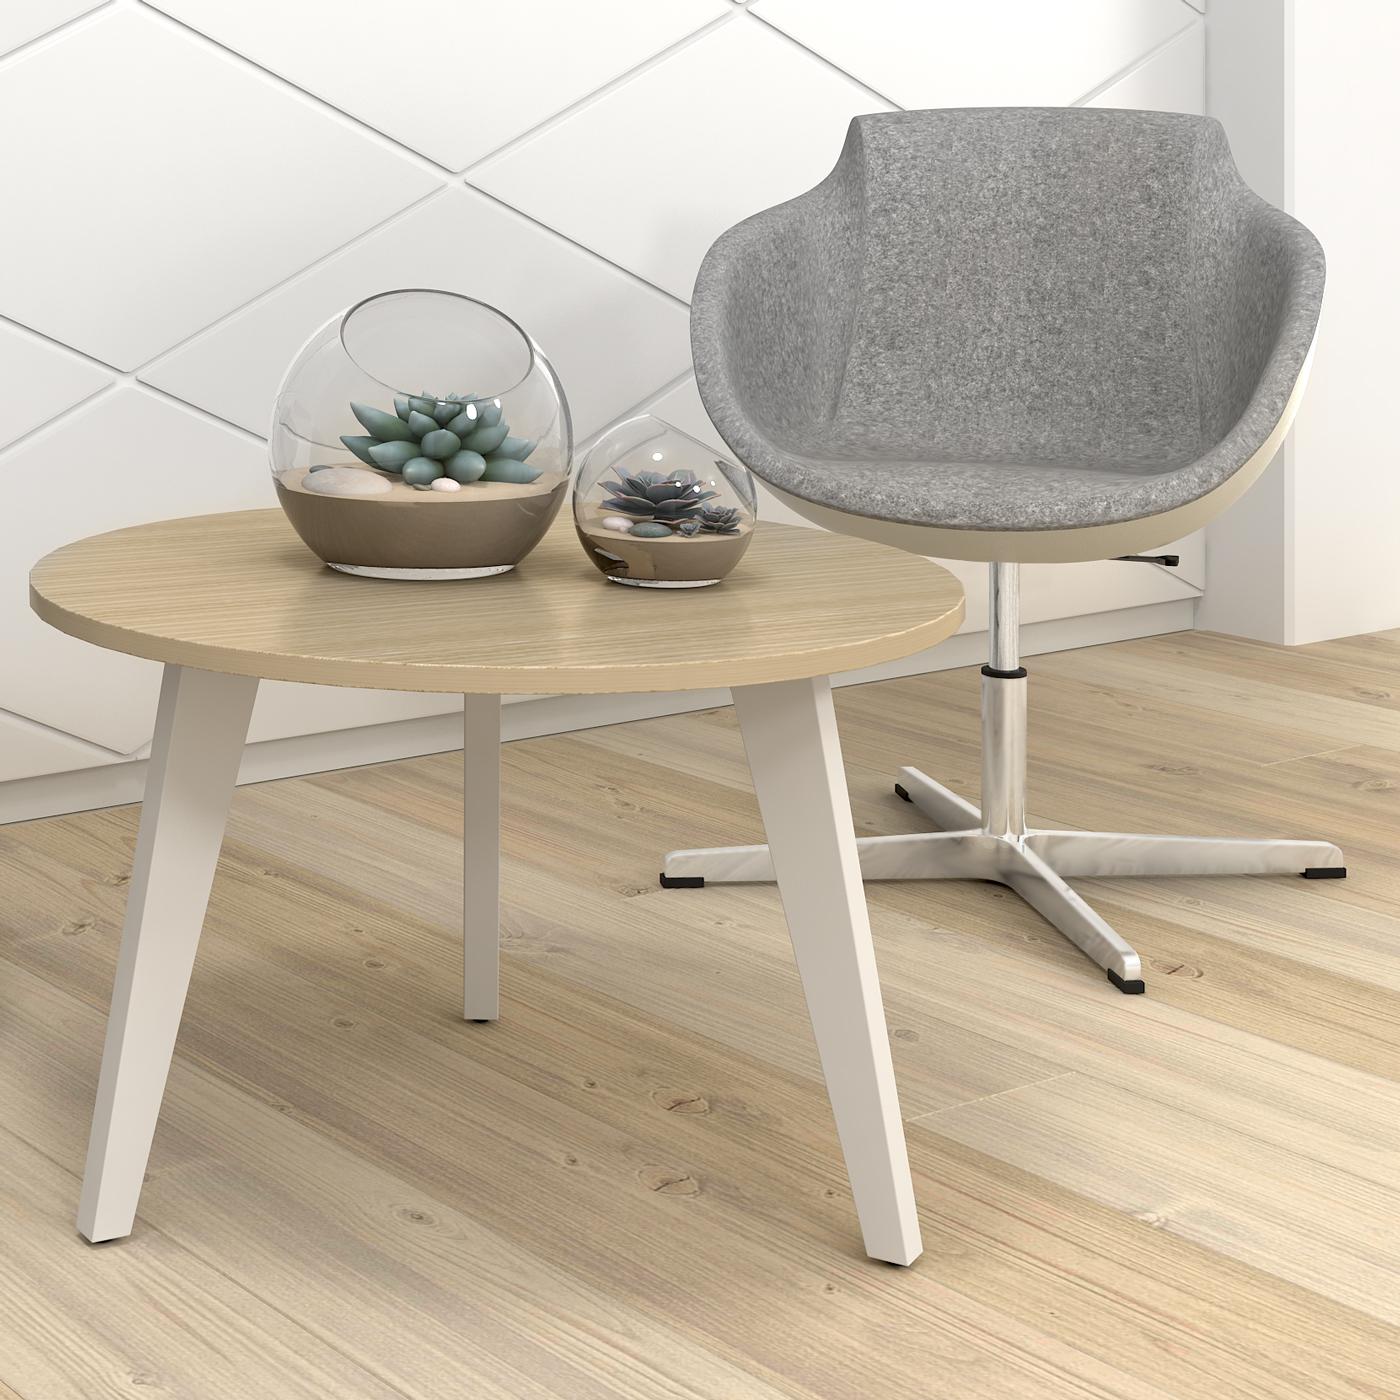 Loungesessel TULA mit Fußkreuz mit Wollbezug Sessel Stuhl Hocker